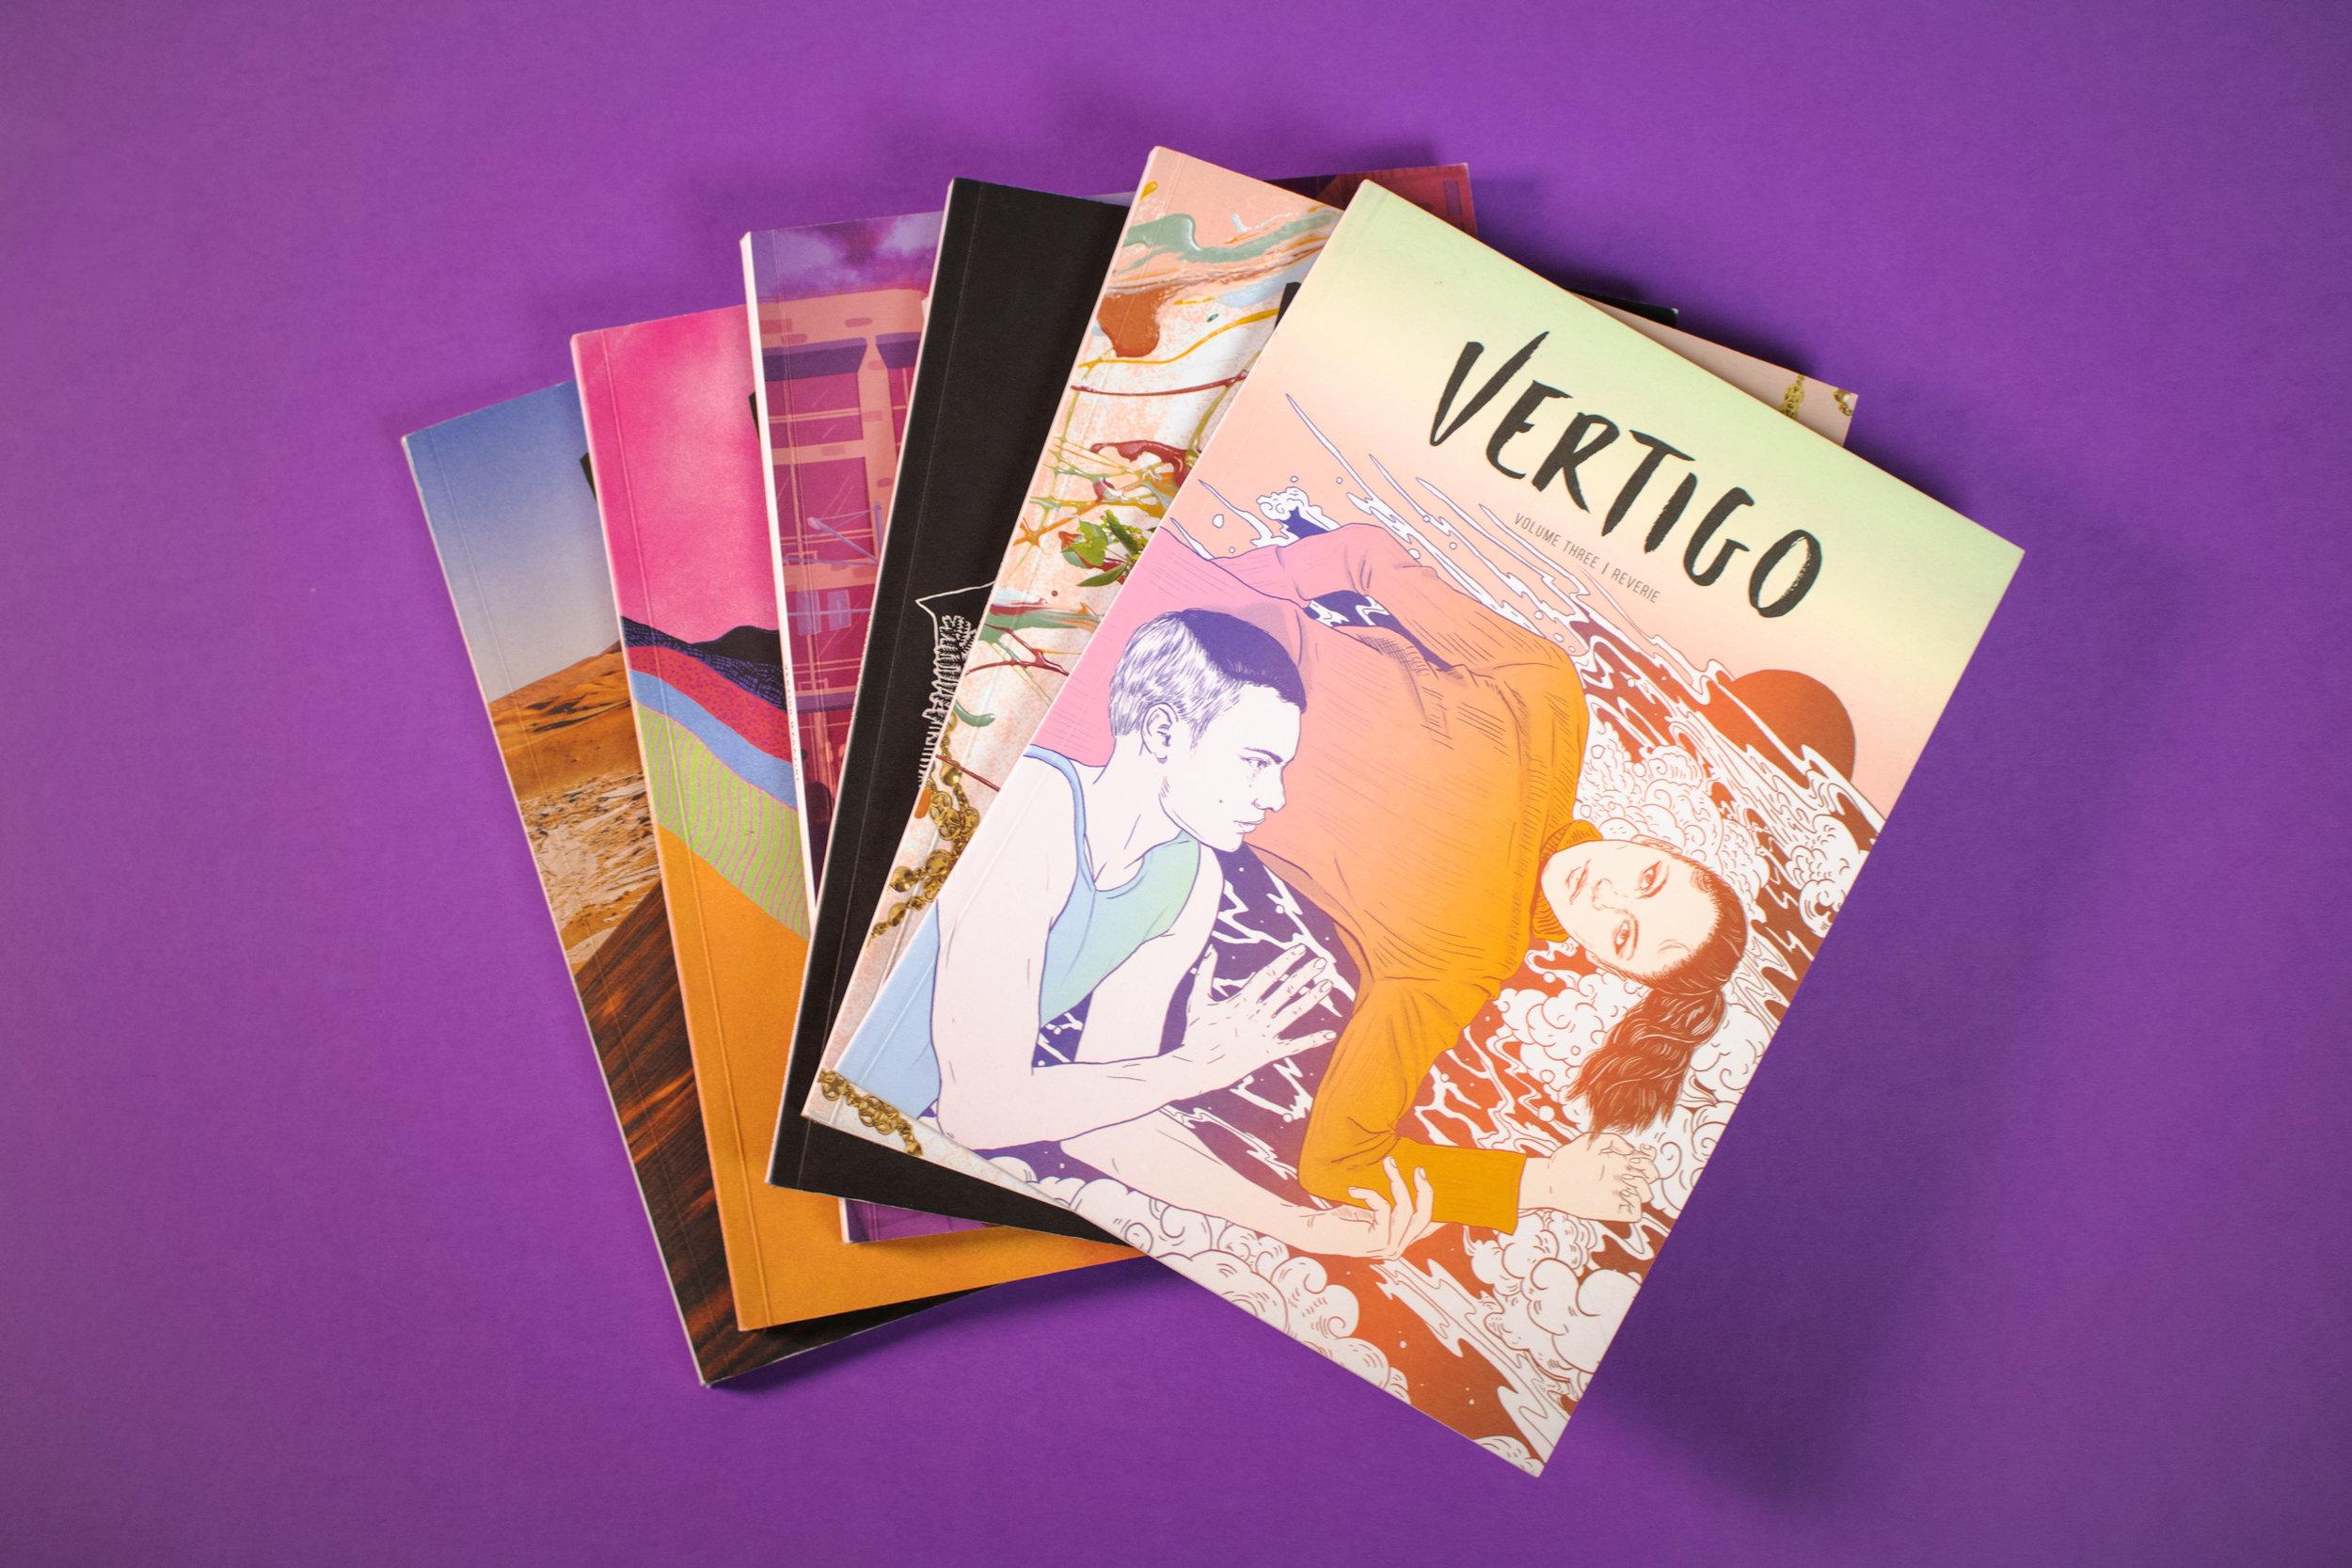 Vertigo_Portfolio0.jpg